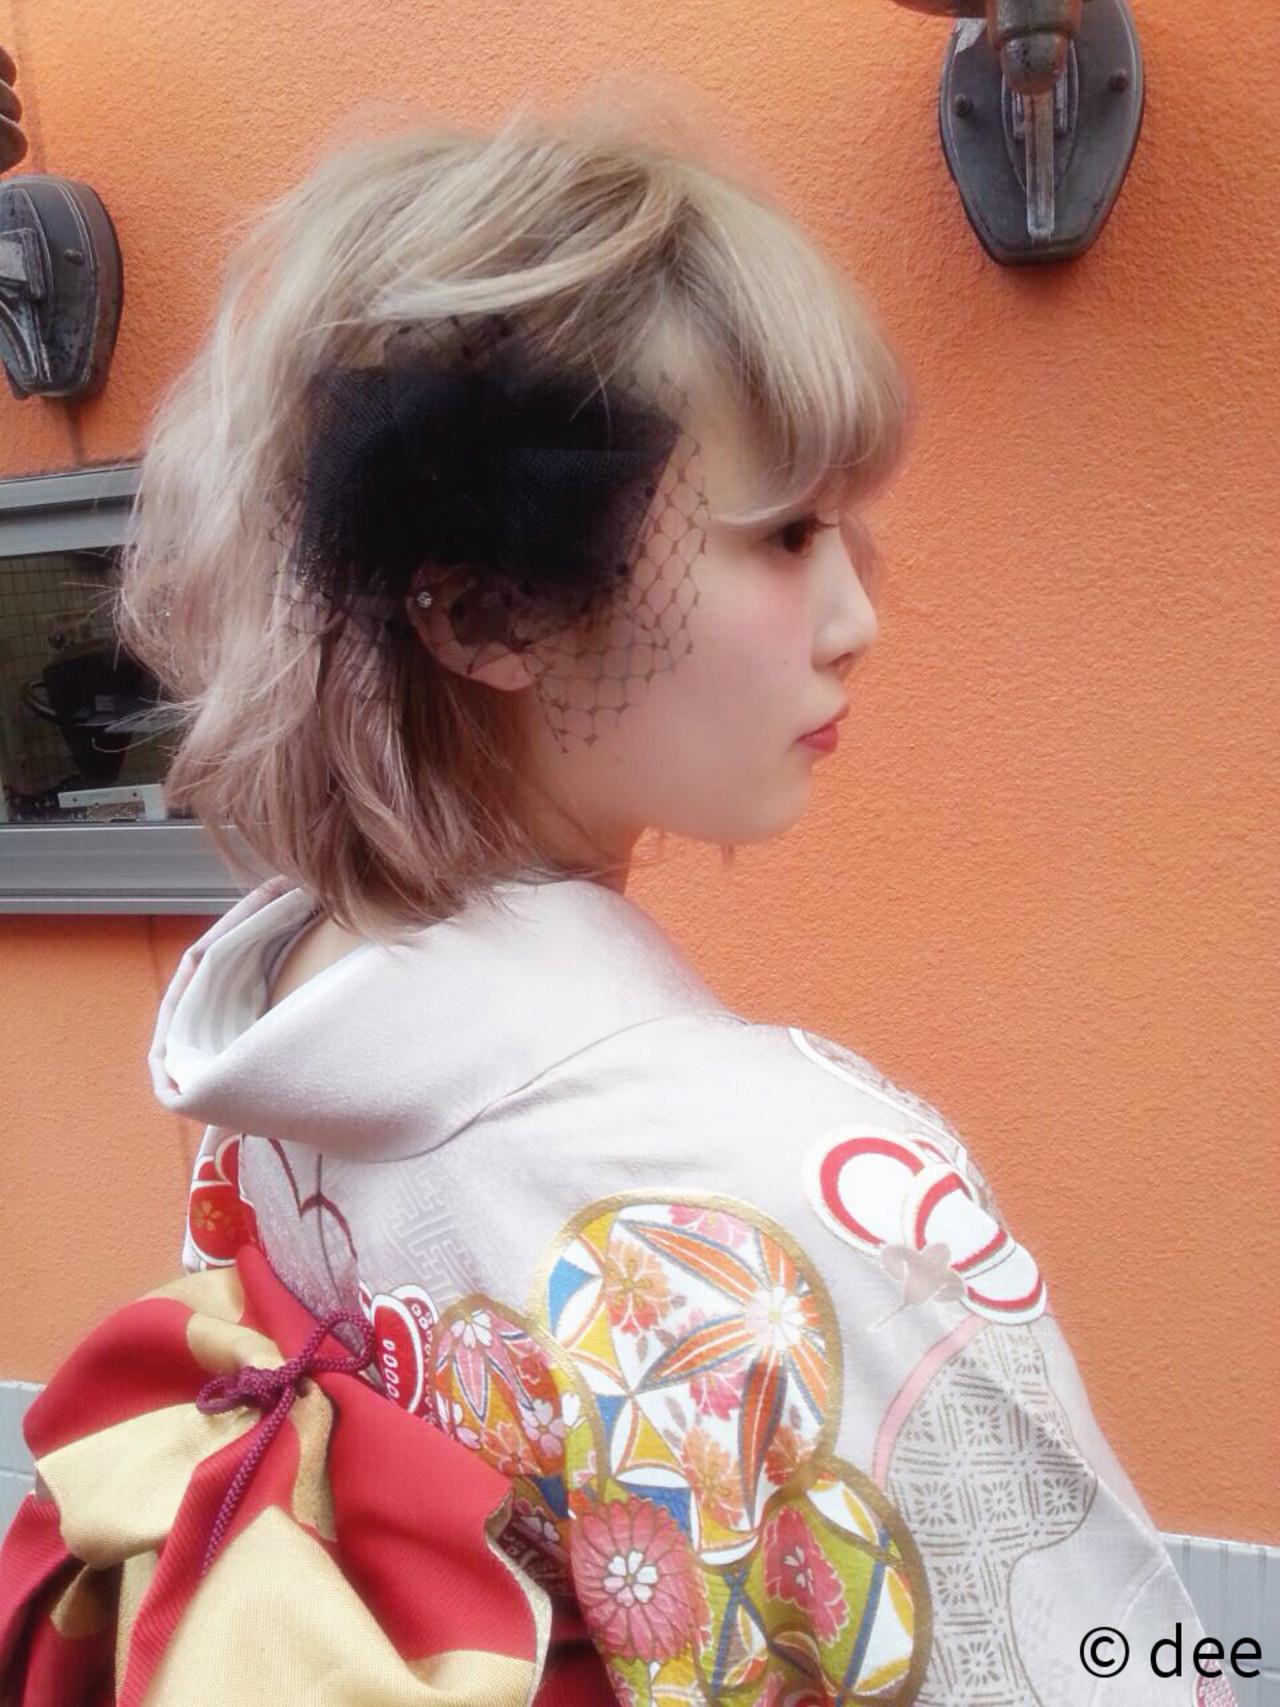 ヘアアレンジ 成人式 ボブ ヘアスタイルや髪型の写真・画像